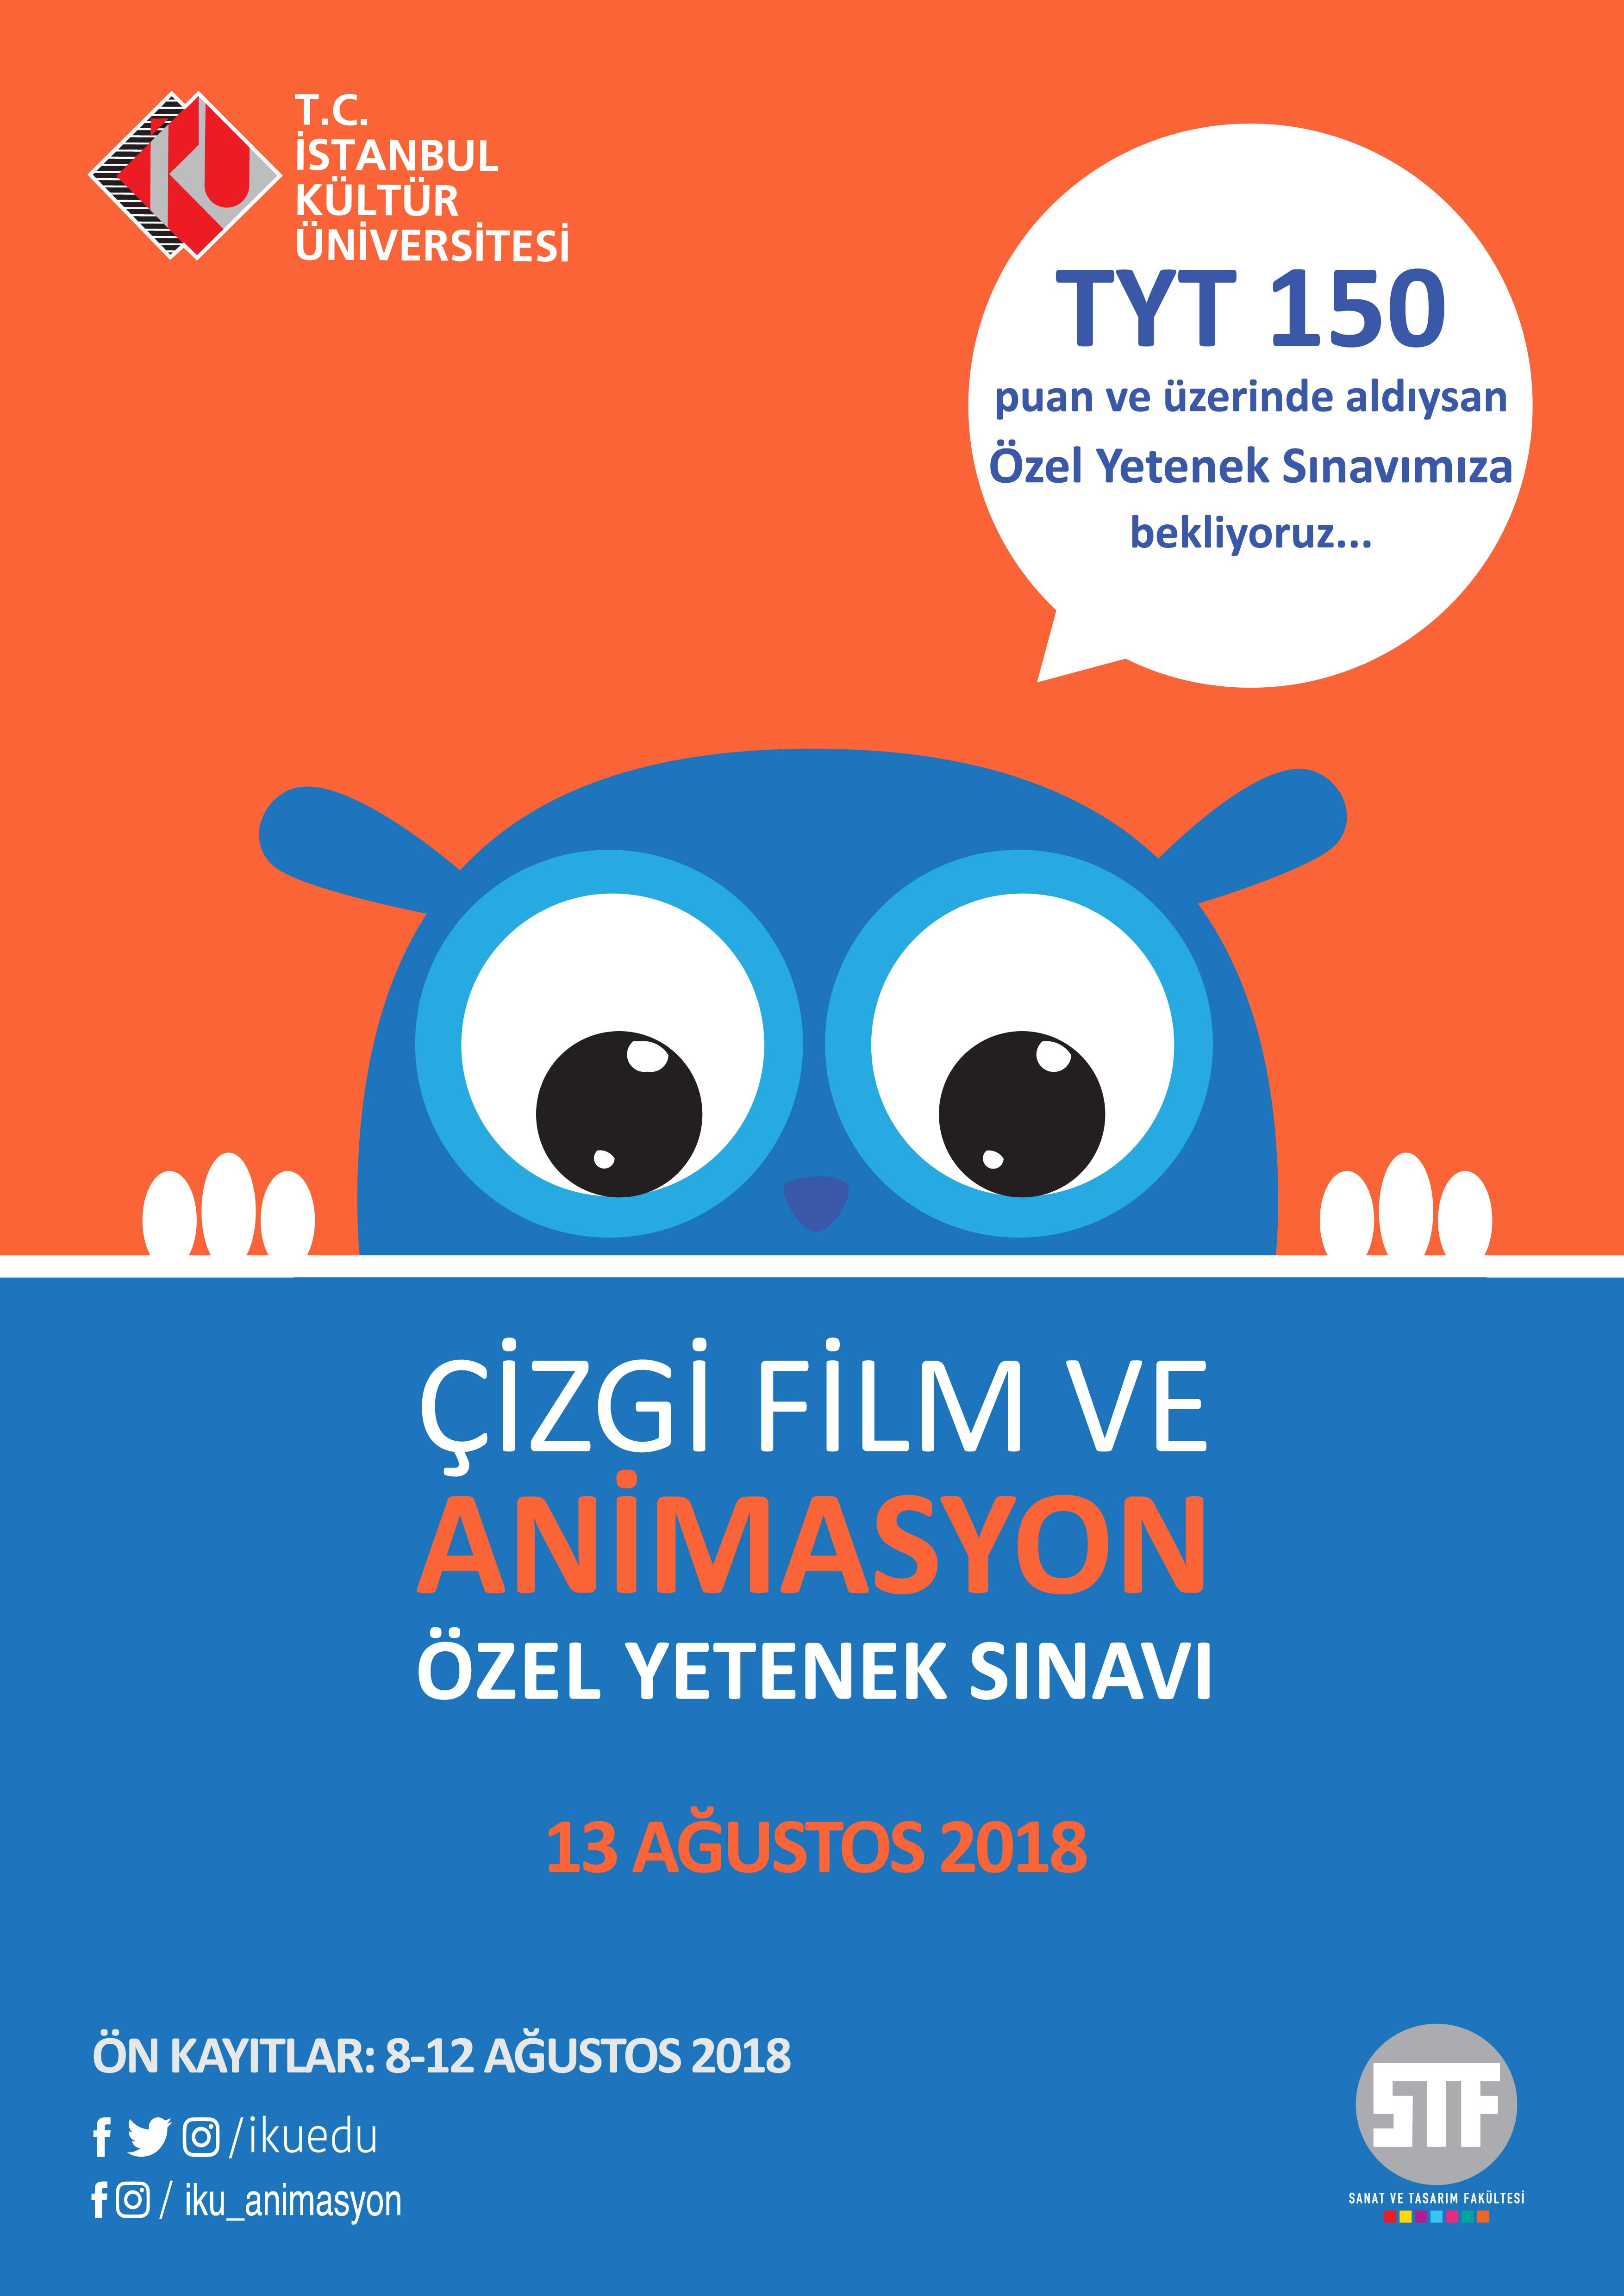 İstanbul Kültür Üniversitesi Çizgi Film ve Animasyon Özel Yetenek Sınavı